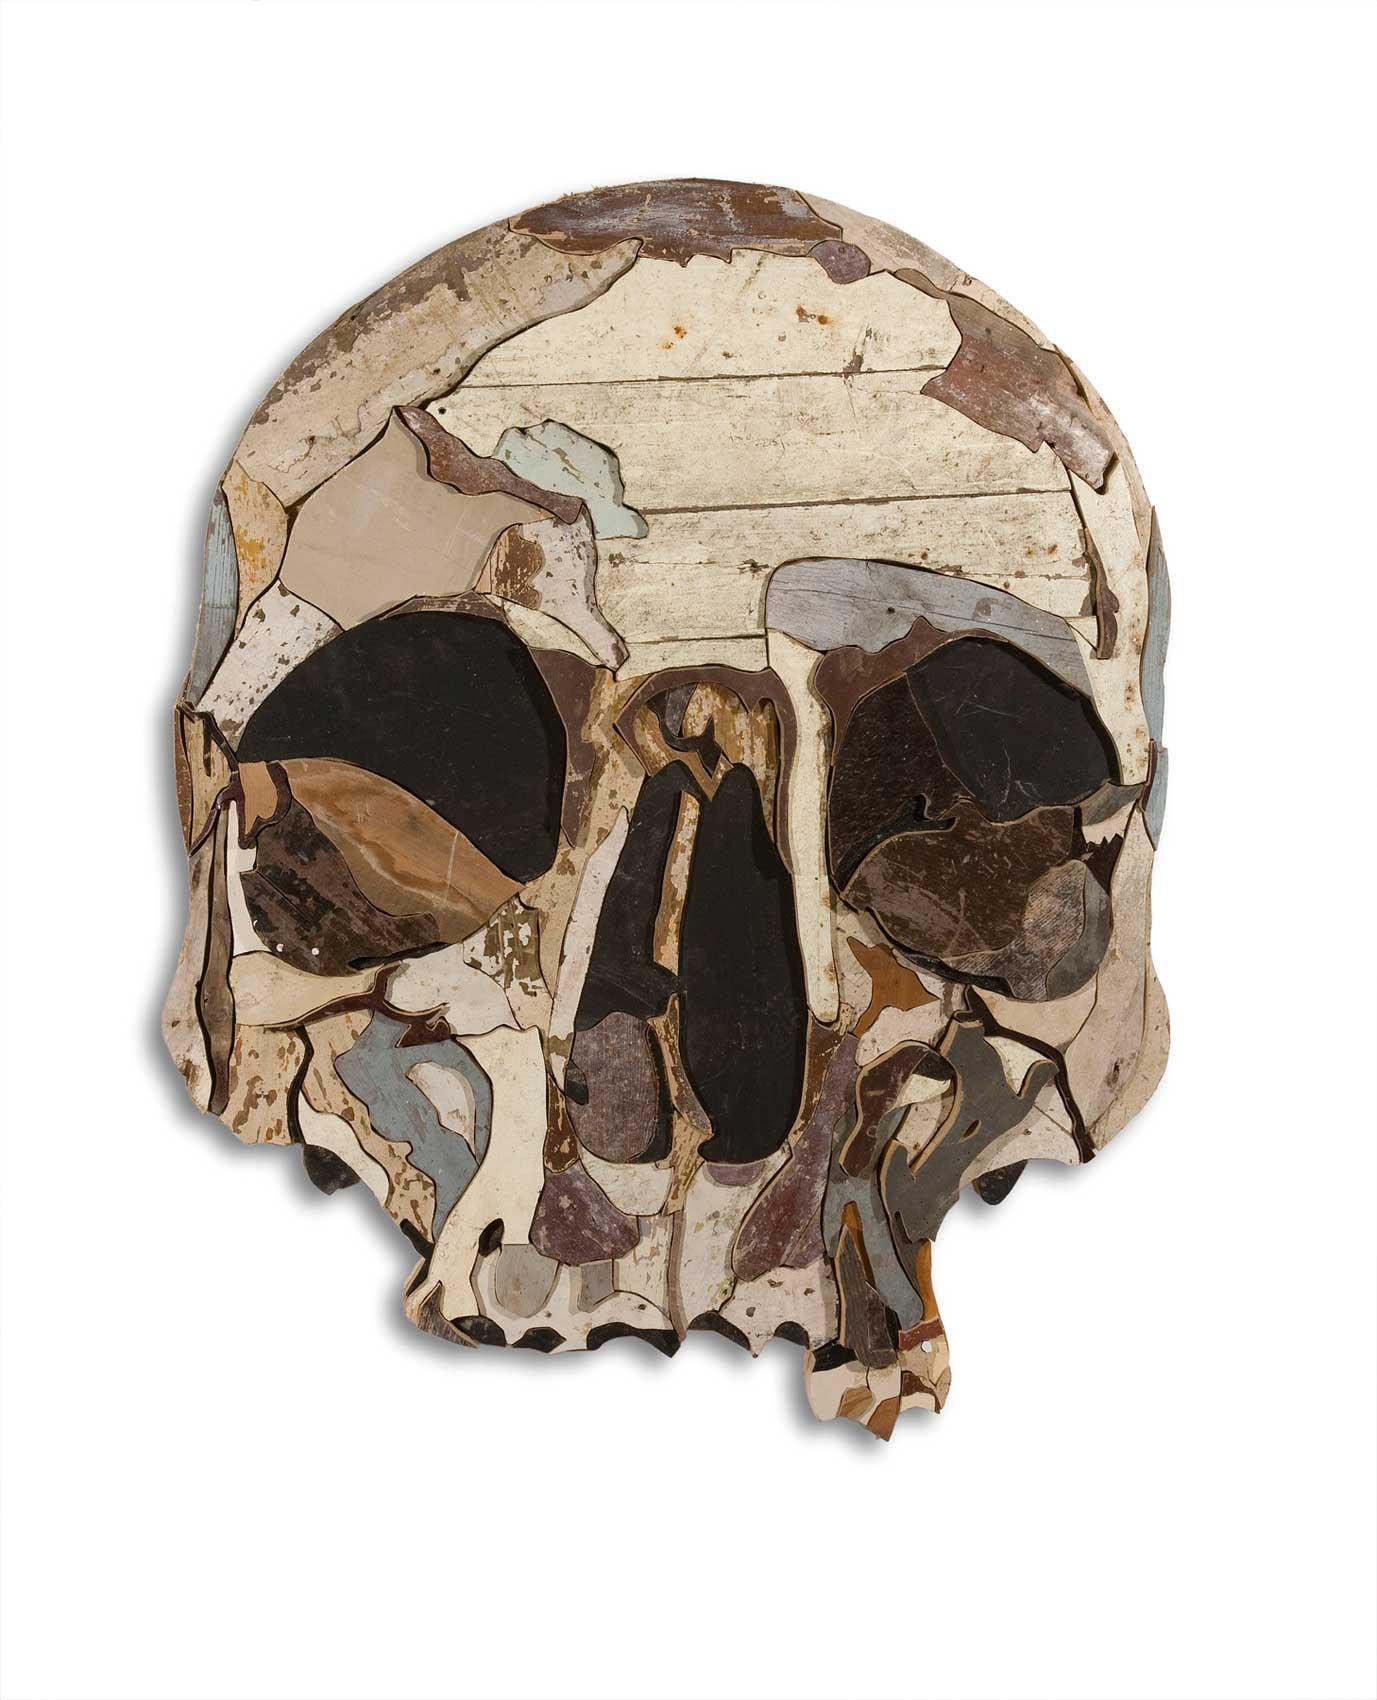 Diederick Kraaijeveld »Vanitas / Skull 1« · 2008 gefundenes Holz im ursprünglichen Anstrich und Nägel 69 cm x 130 cm x 4,5 cm